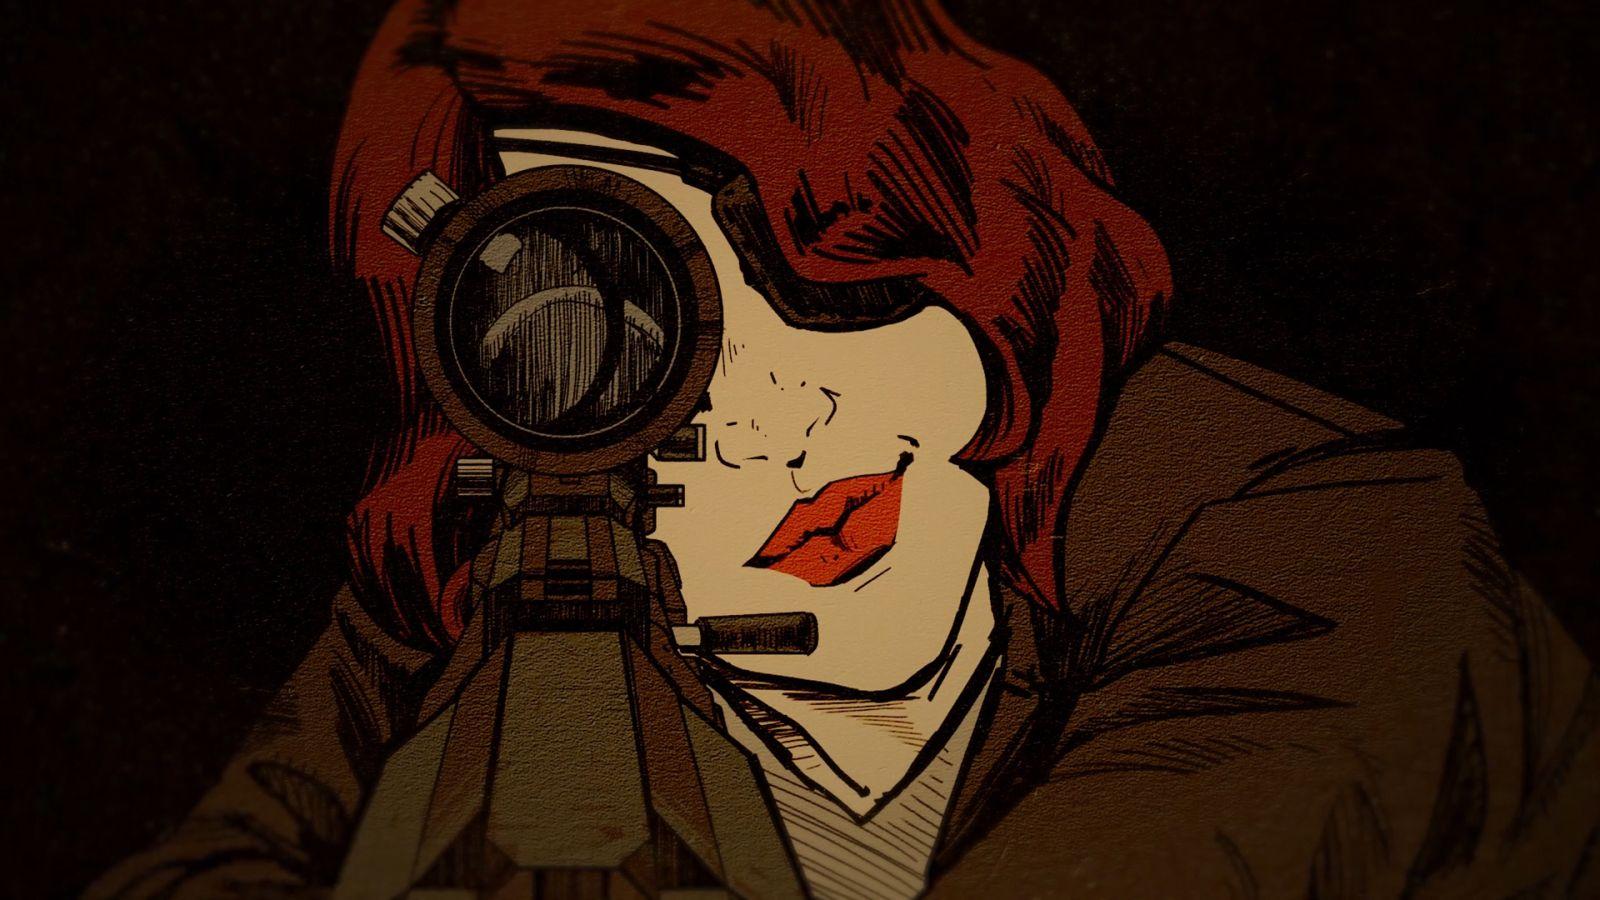 Agentin Jessica Vigilant alias Agentin Stiller Tod schwor sich nach dem Tod ihres Mannes Rache. Dafür lauert sie heimlich, still und leise drei Männern des Regimes auf, um sie in den ewigen Schlaf zu wiegen. (Quelle: Bethesda)